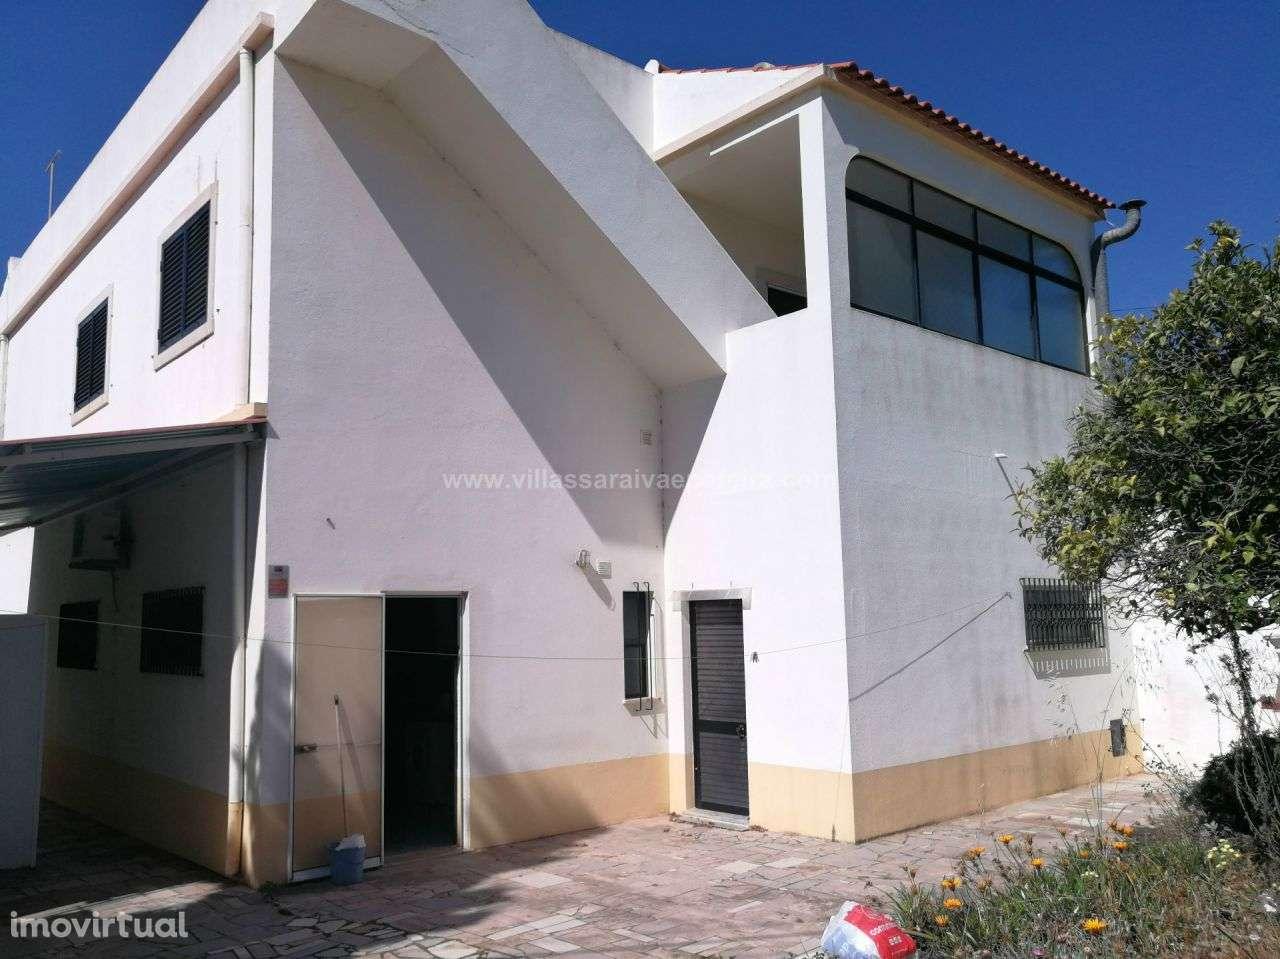 Moradia para comprar, Pechão, Olhão, Faro - Foto 2